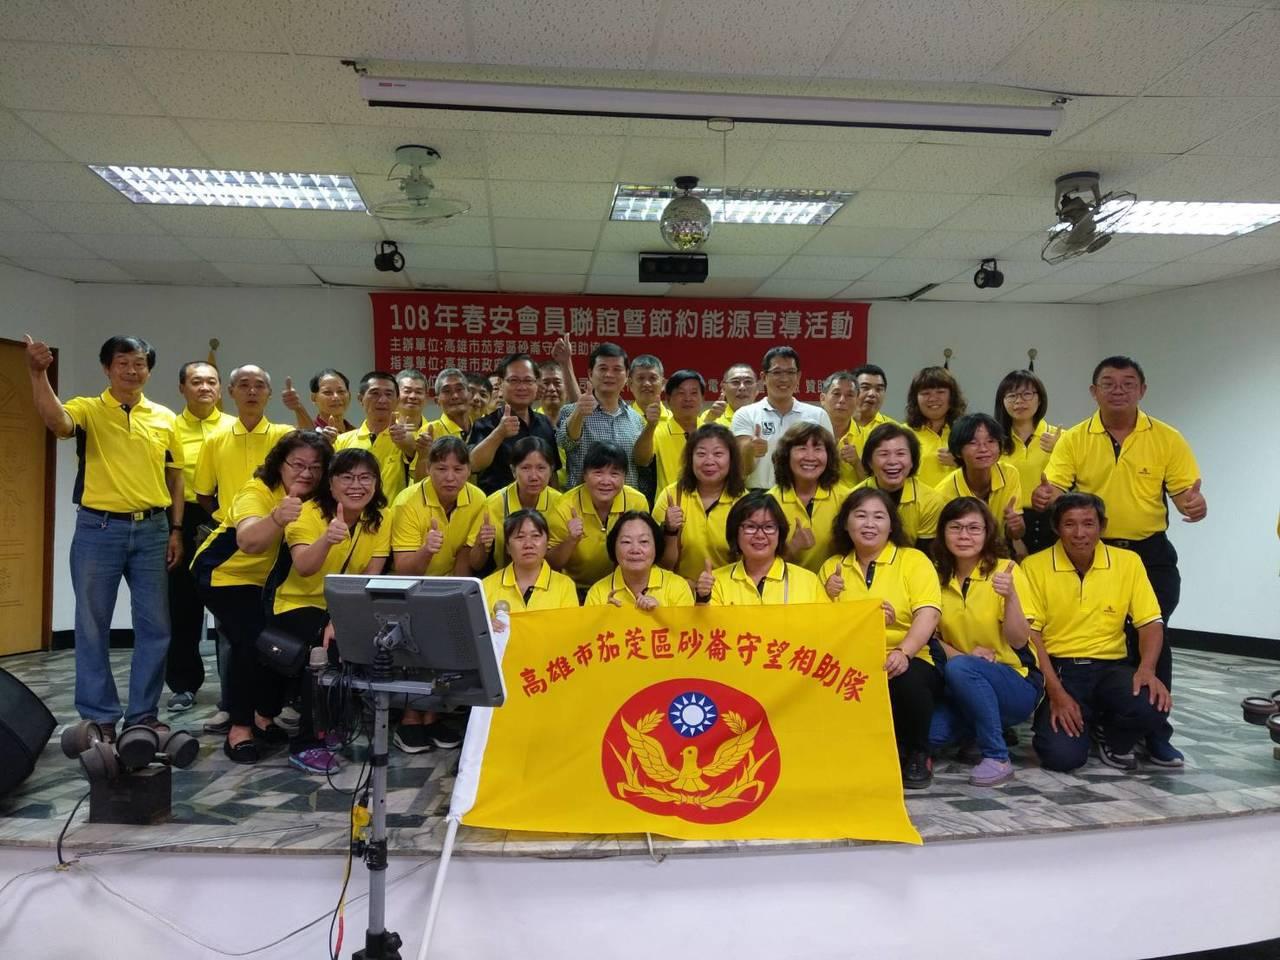 湖內警分局招募社區居民成立砂崙守望相助隊,隊員38人。記者徐白櫻/翻攝